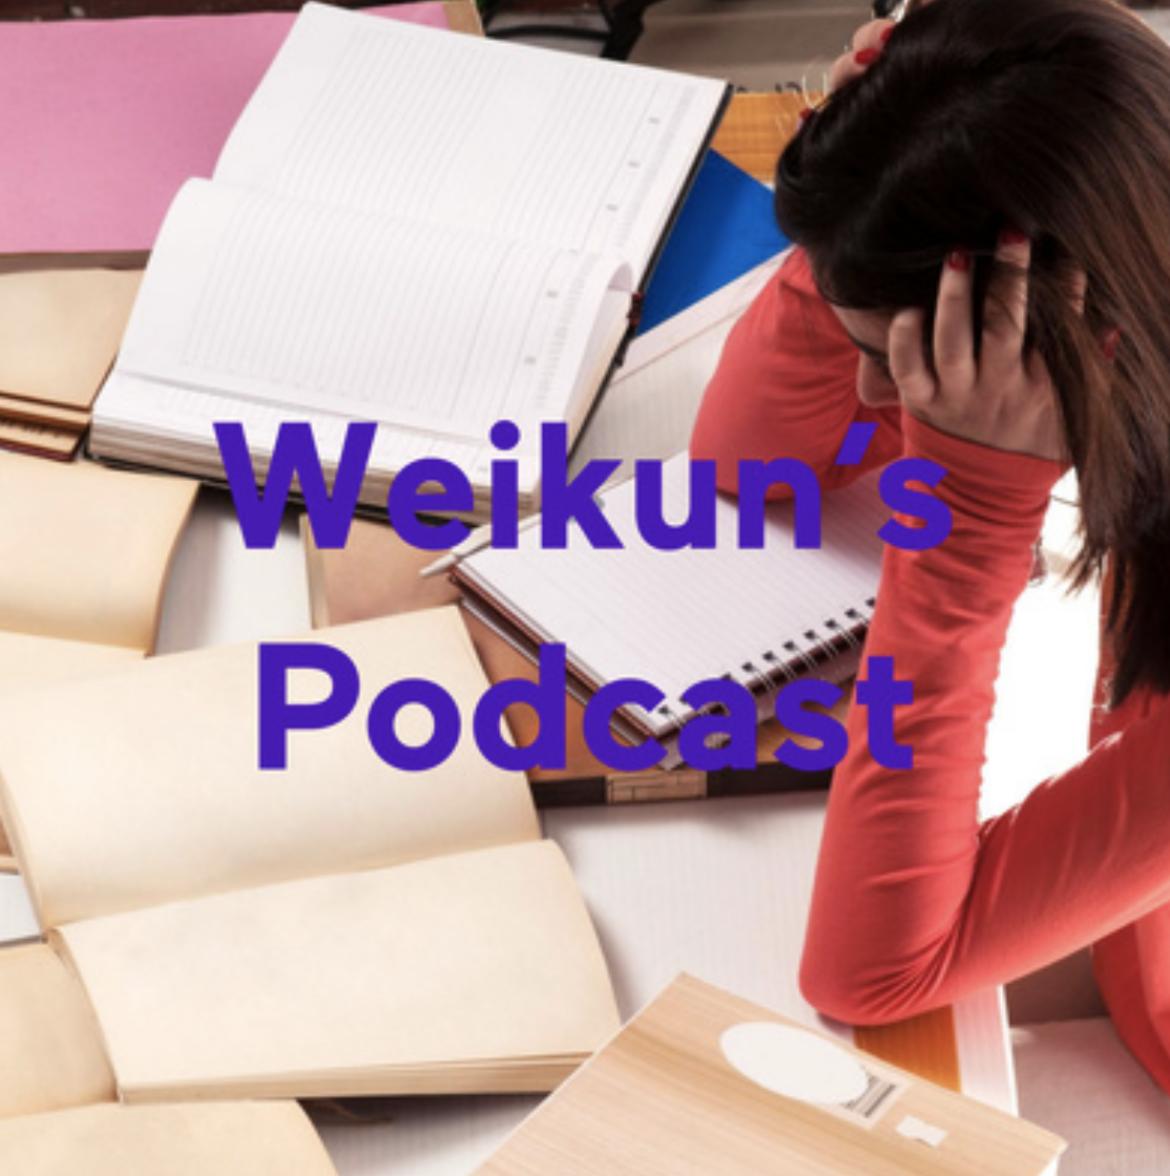 Do Teachers Assign Too Much Homework? with Weikun